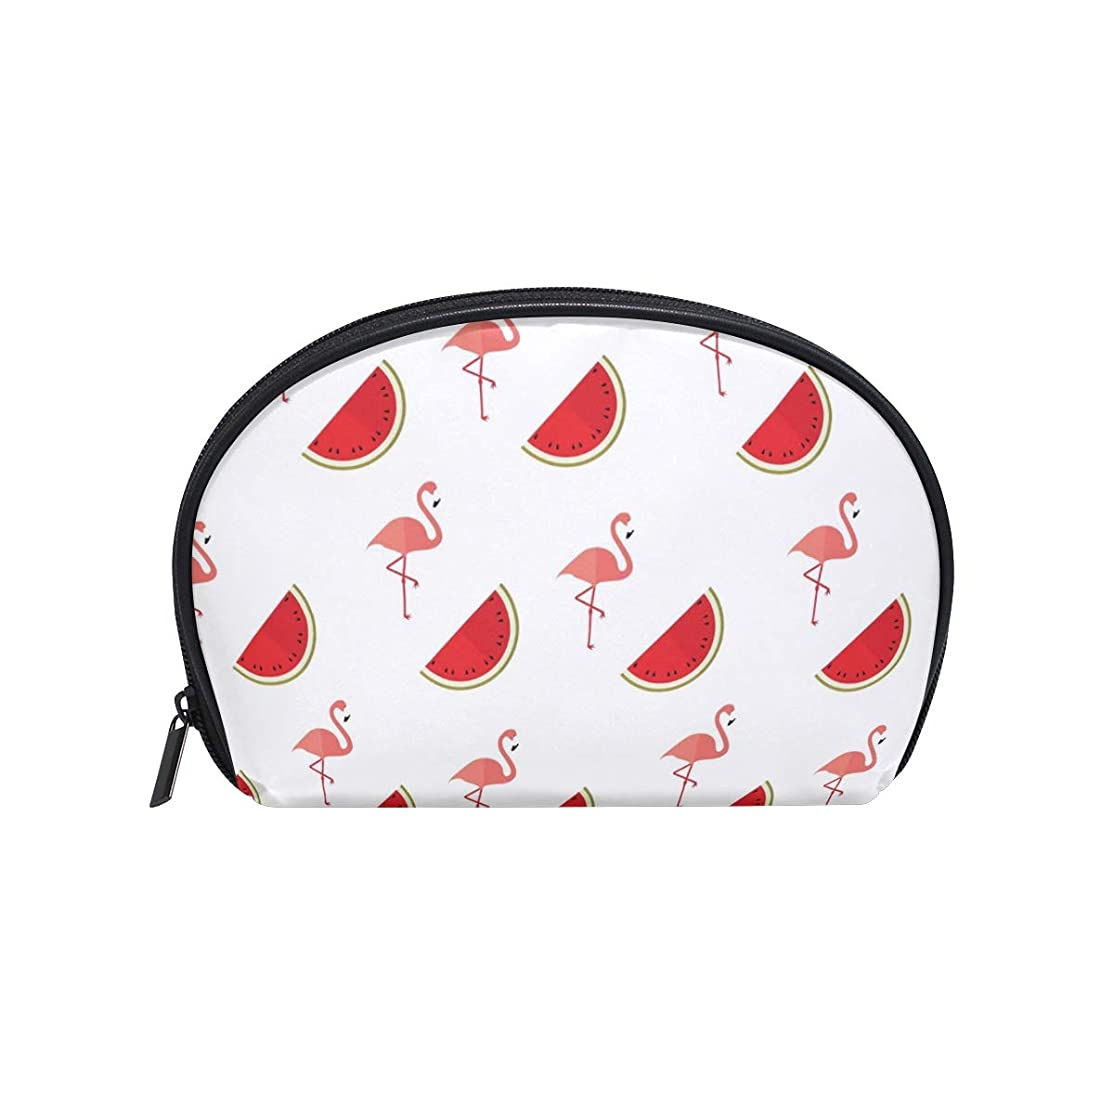 ビーチギャラントリー湿った半月型 スイカフルーツフラミンゴ 化粧ポーチ コスメポーチ コスメバッグ メイクポーチ 大容量 旅行 小物入れ